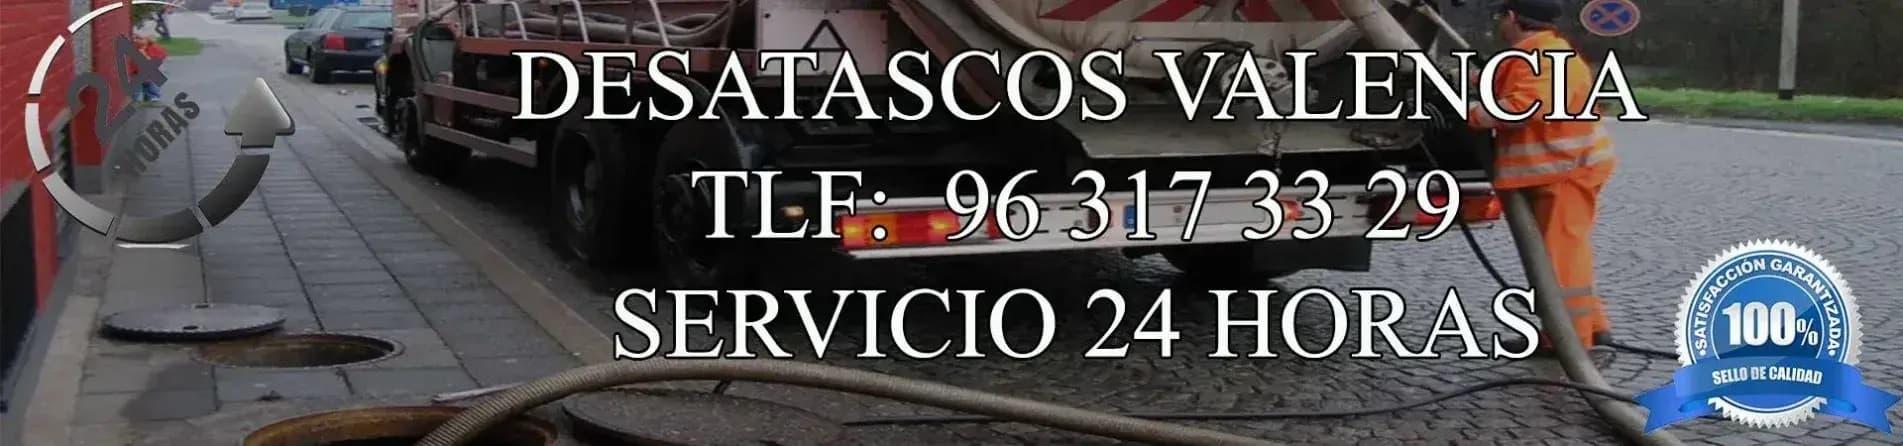 somos los lideres de los desatascos en Valencia